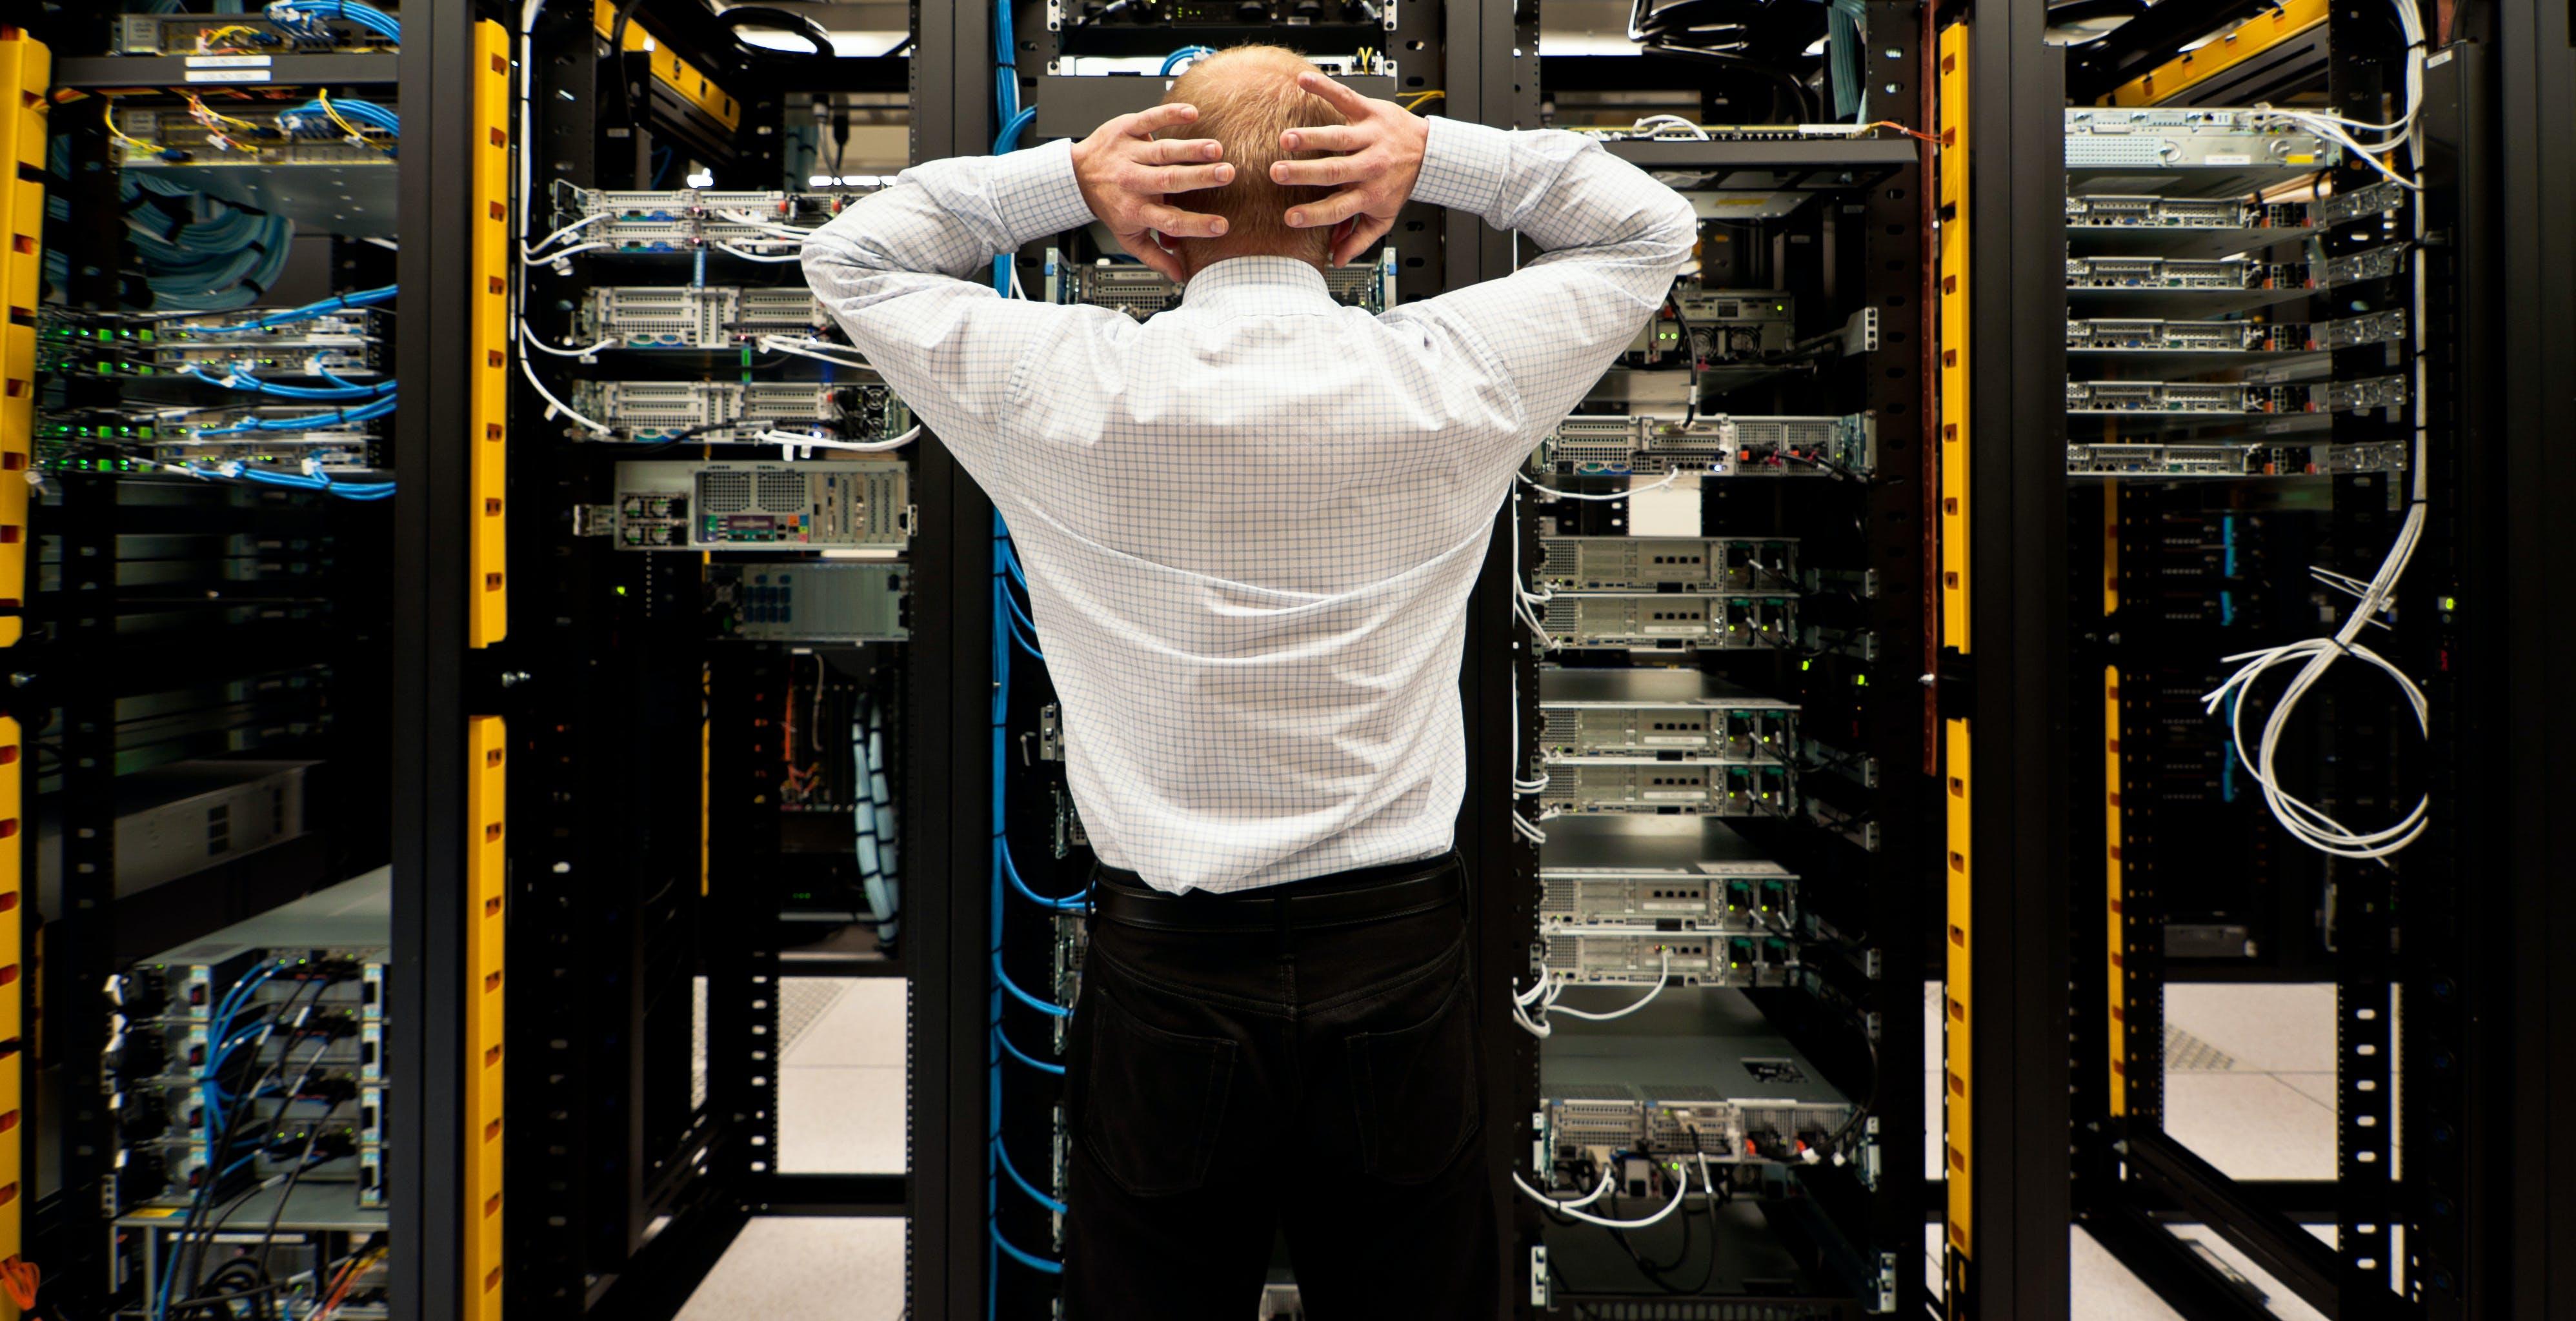 Che fine farebbero le nostre foto se andassero a fuoco i datacenter di Apple, Google o Amazon? La nostra indagine